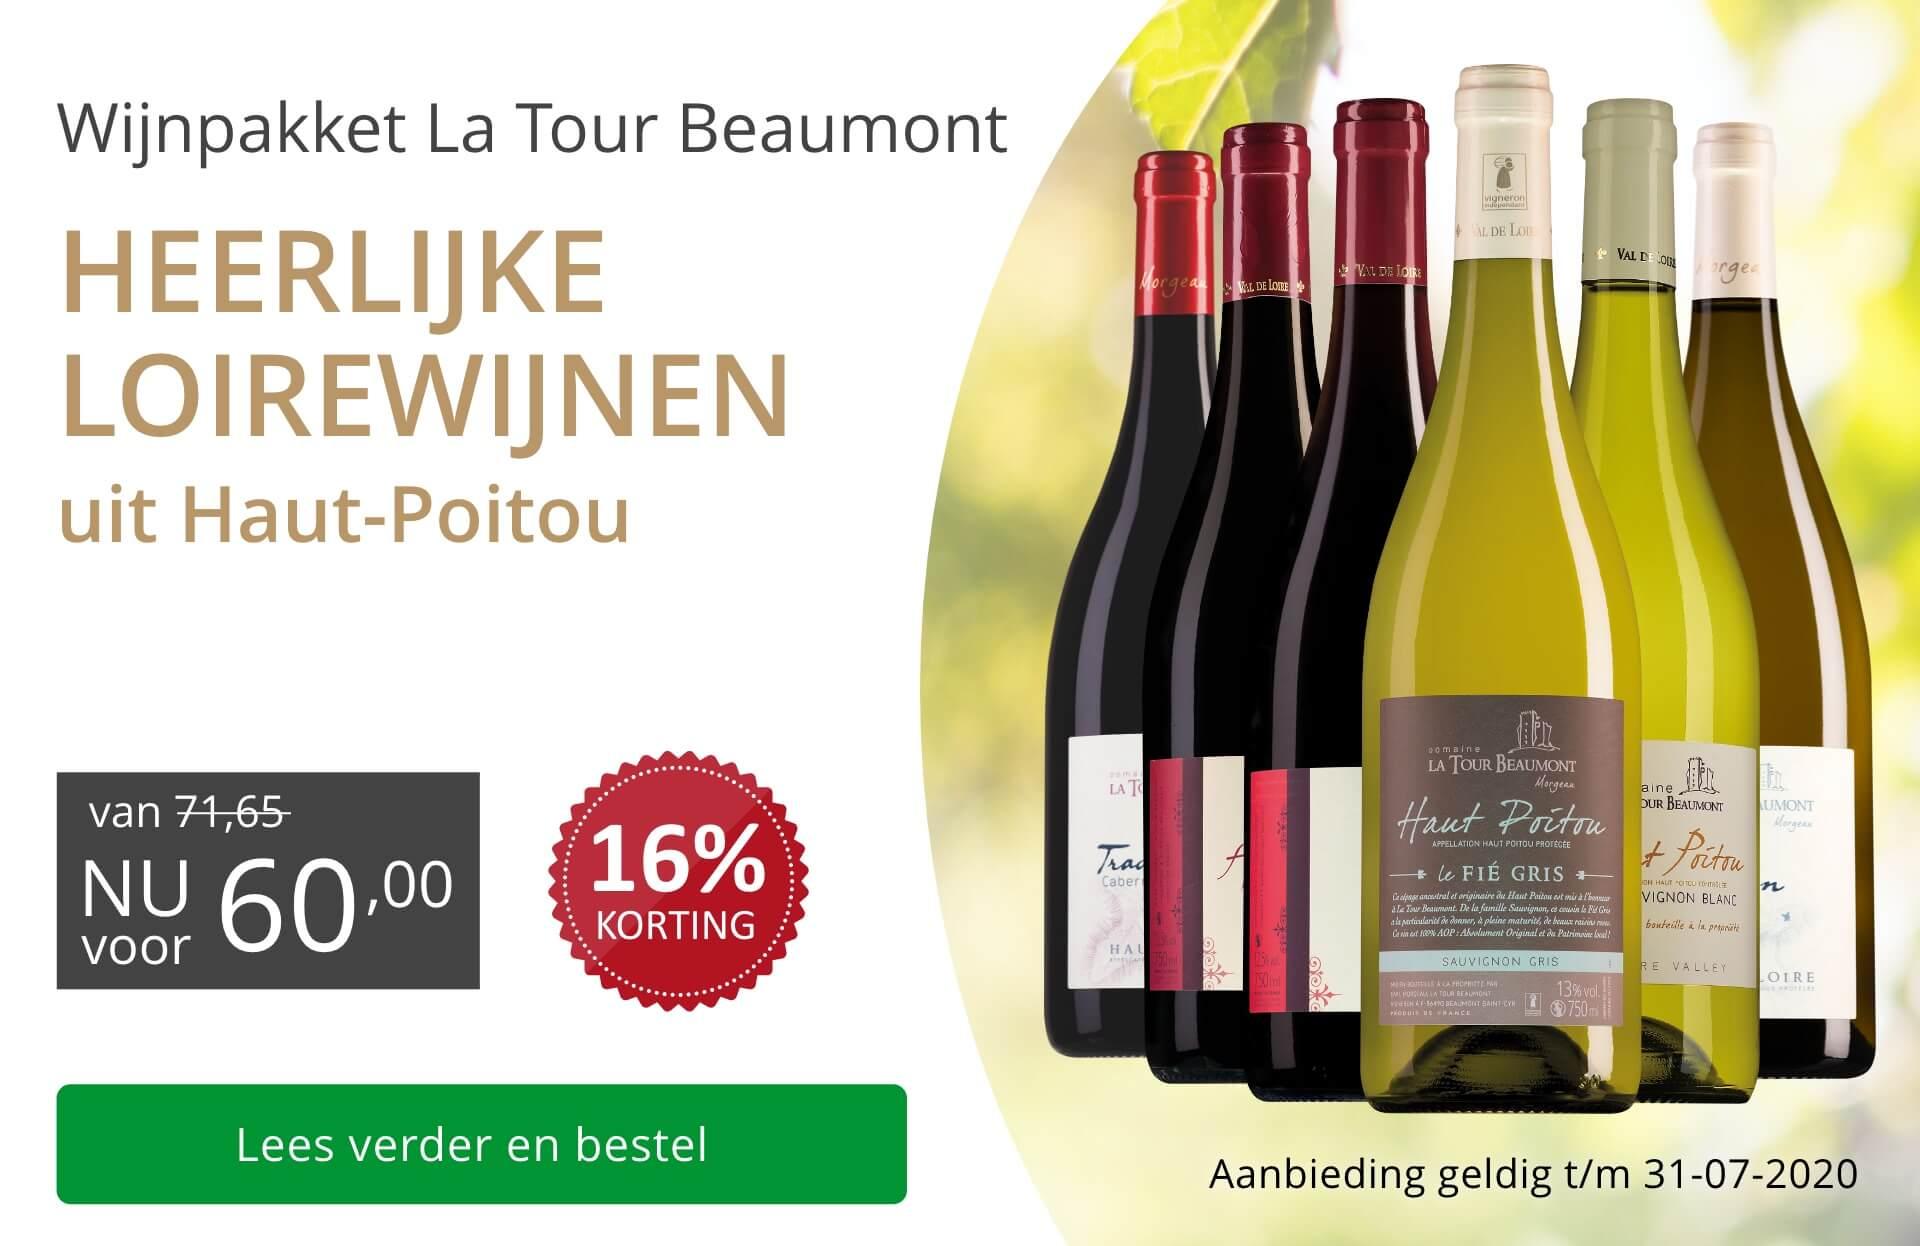 Wijnpakket La Tour Beaumont(60,00)-grijs/goud